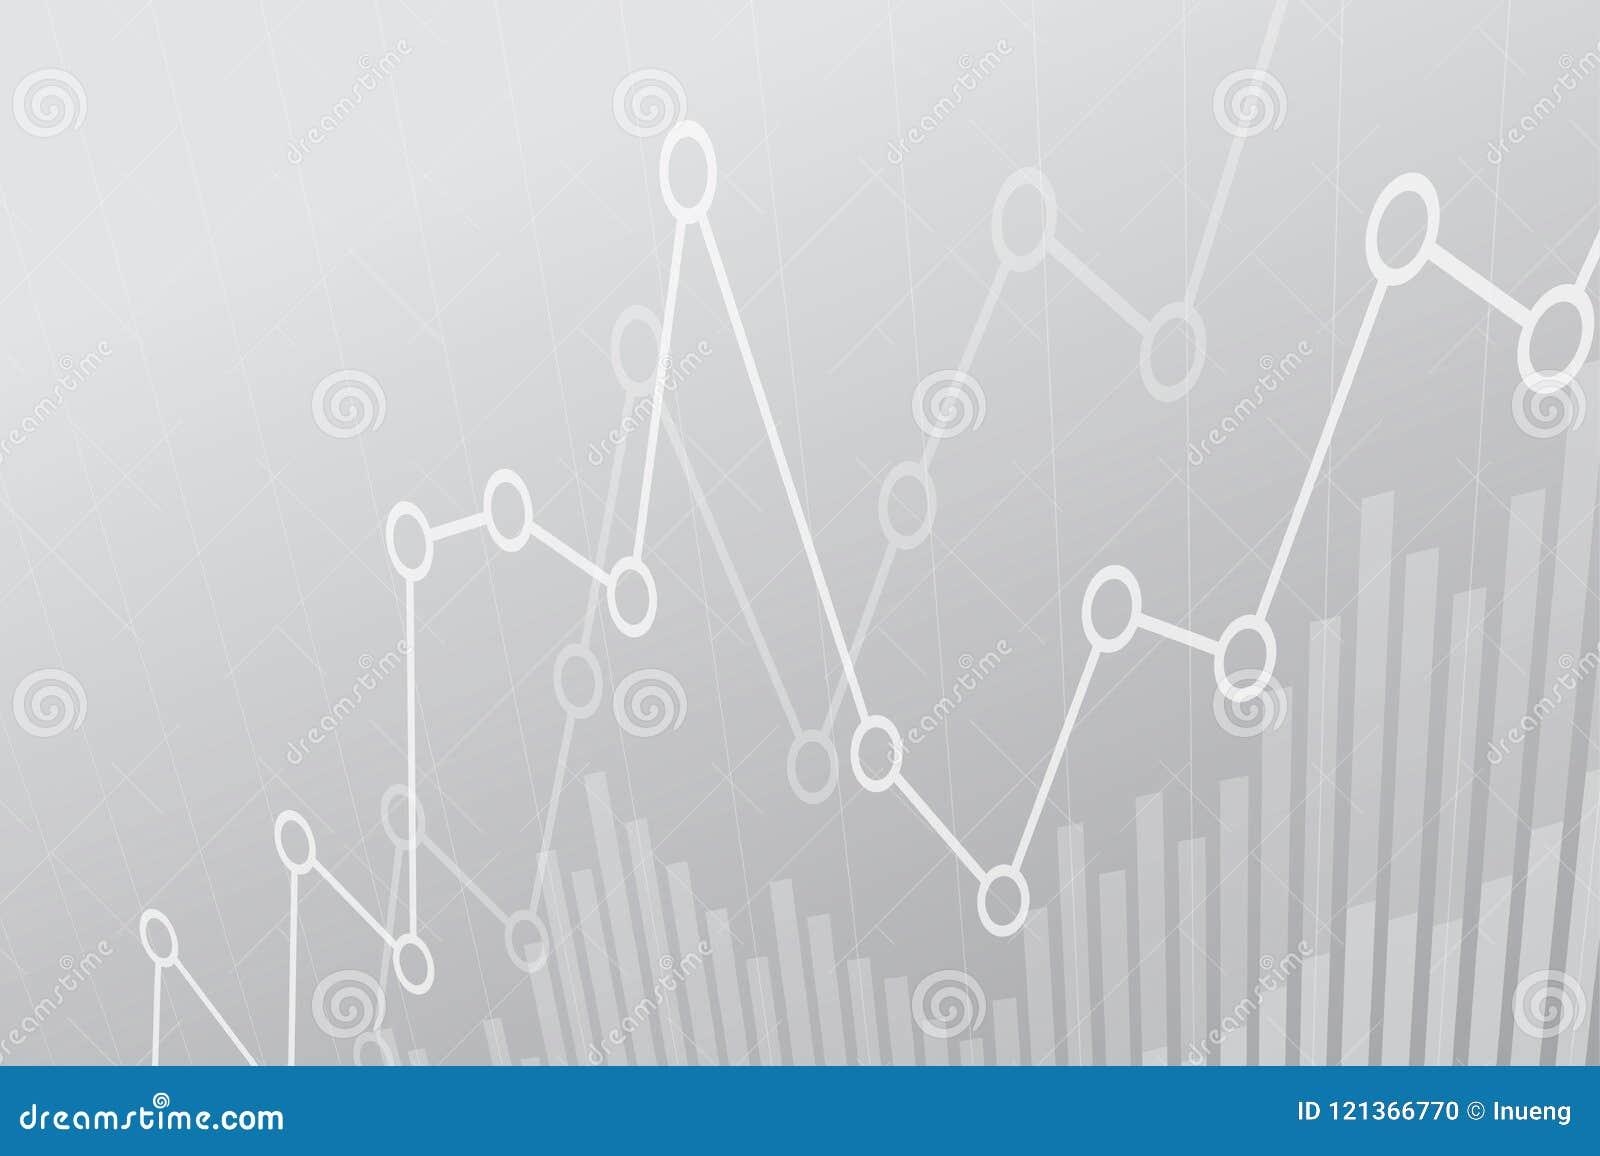 Grafico finanziario astratto con grafico lineare di uptrend su fondo grigio